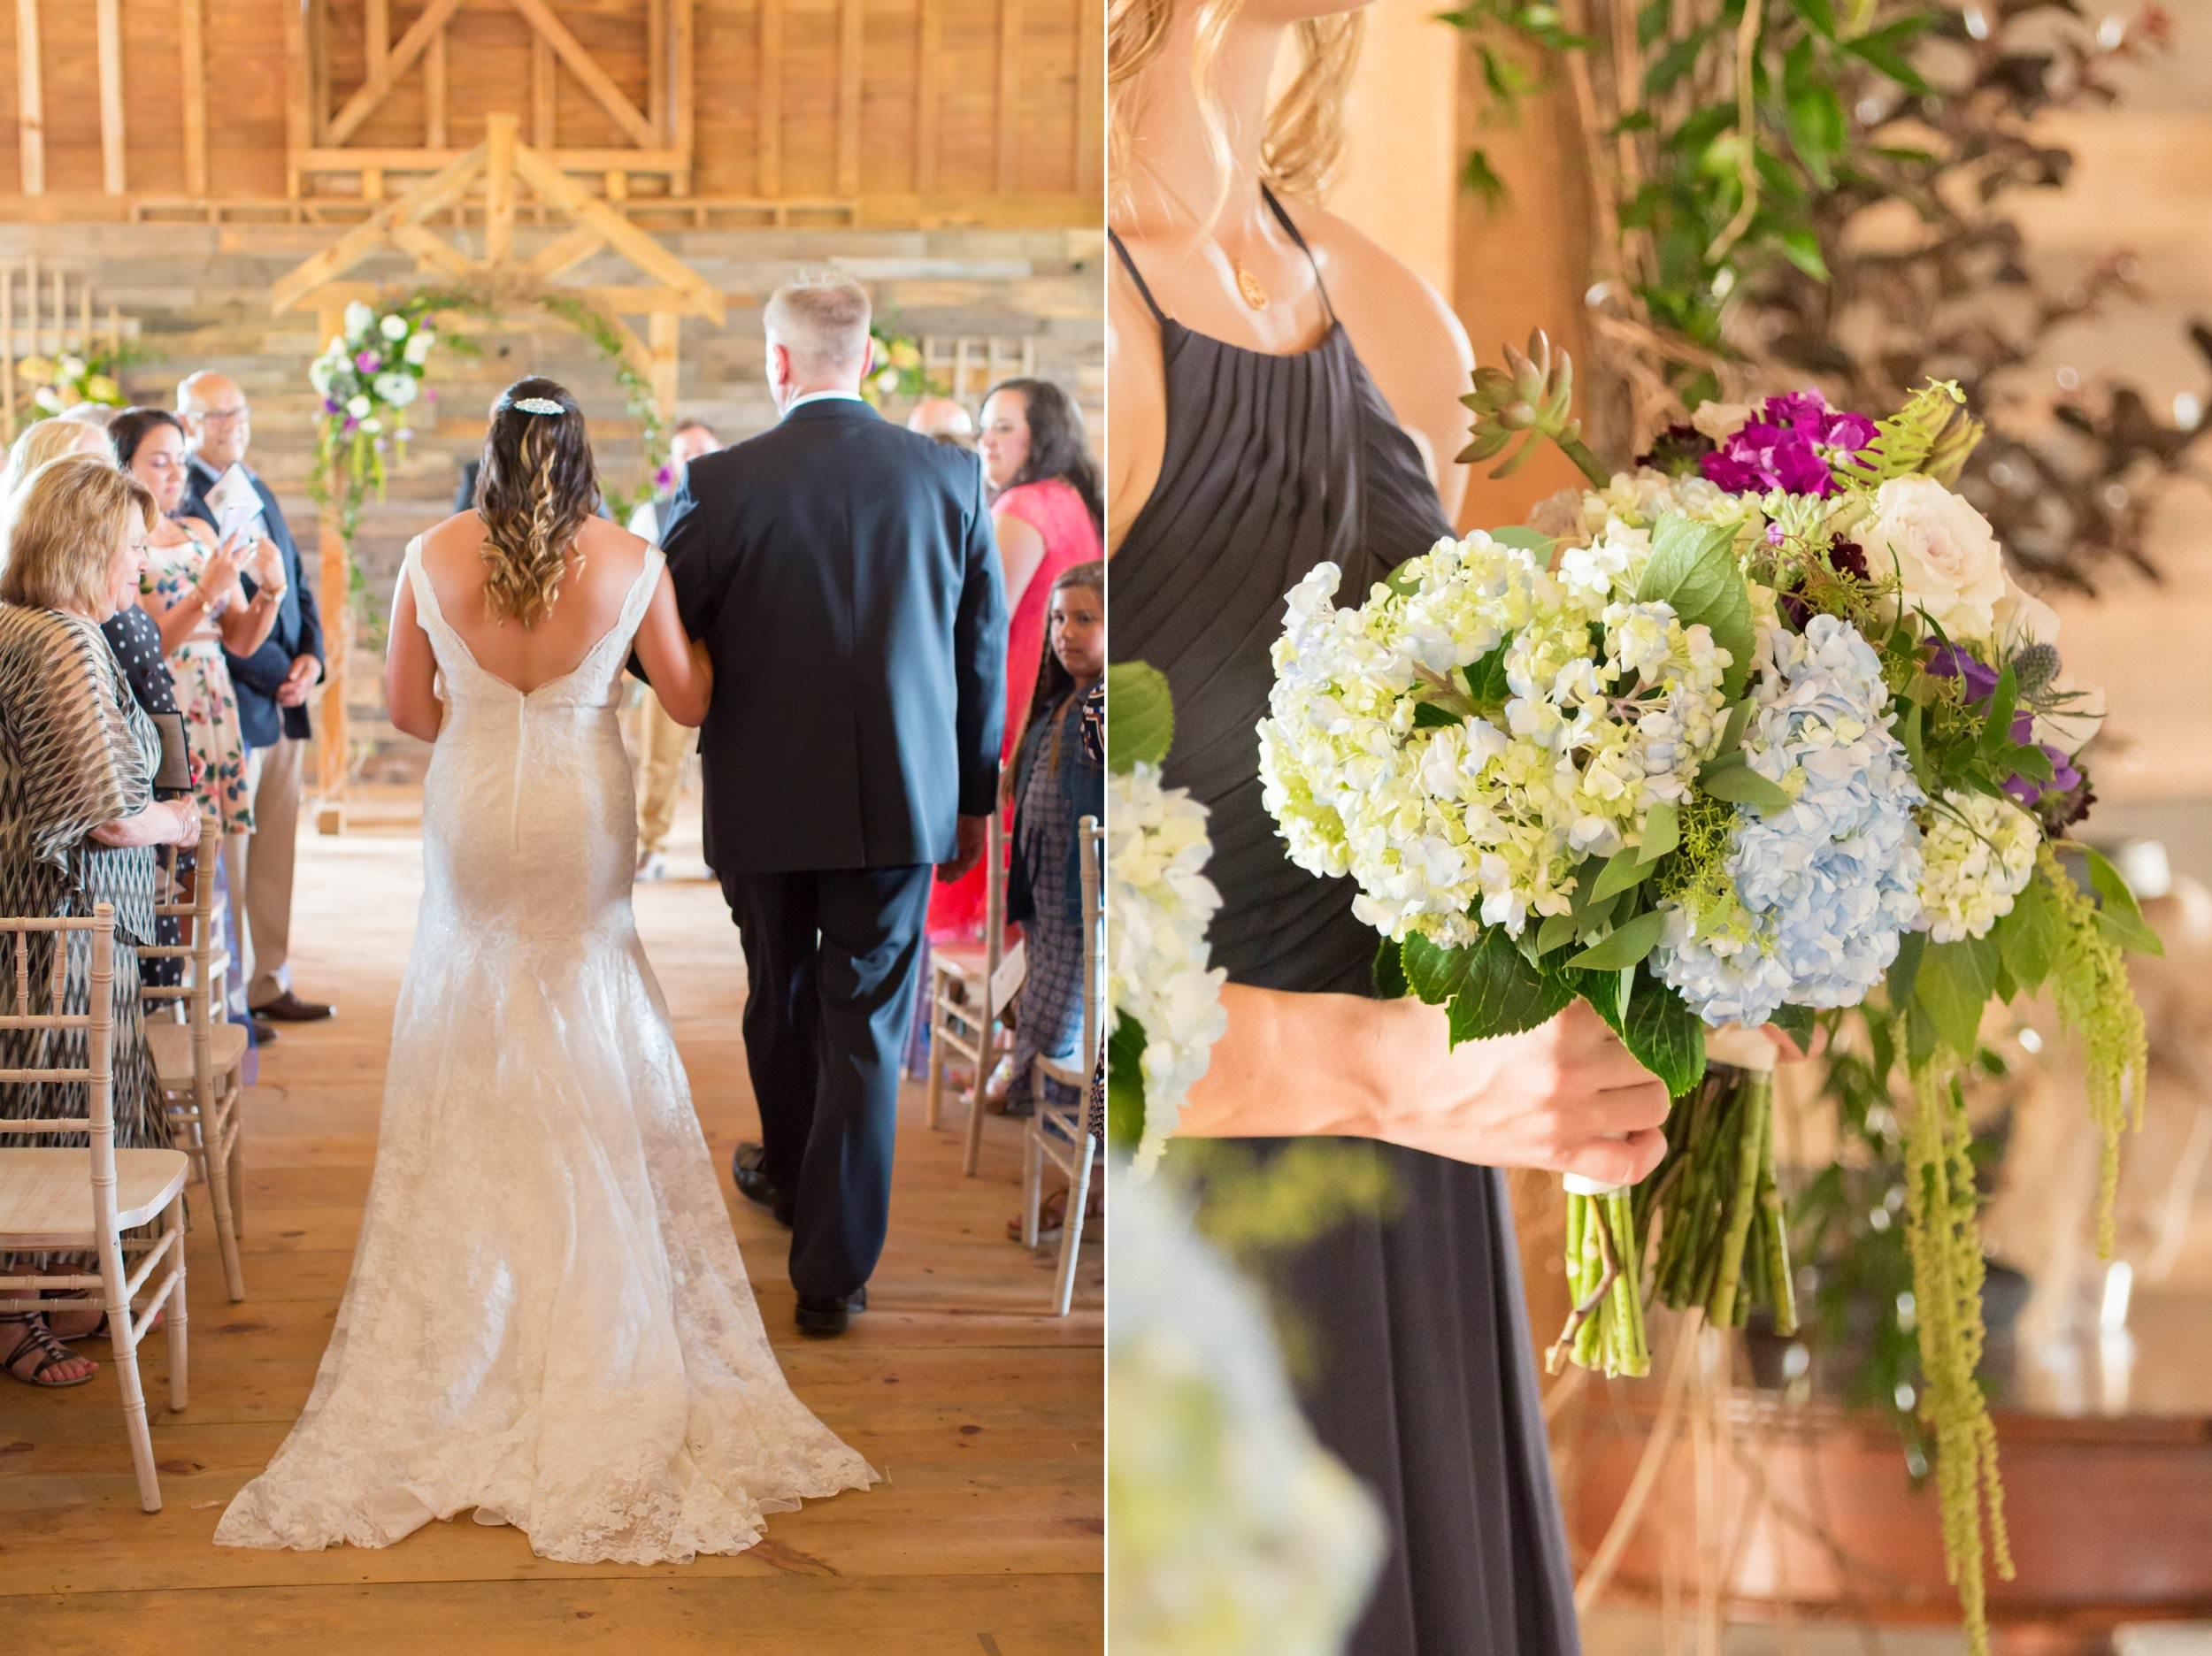 Abby-Manor-Events-Wedding-Photos37.jpg